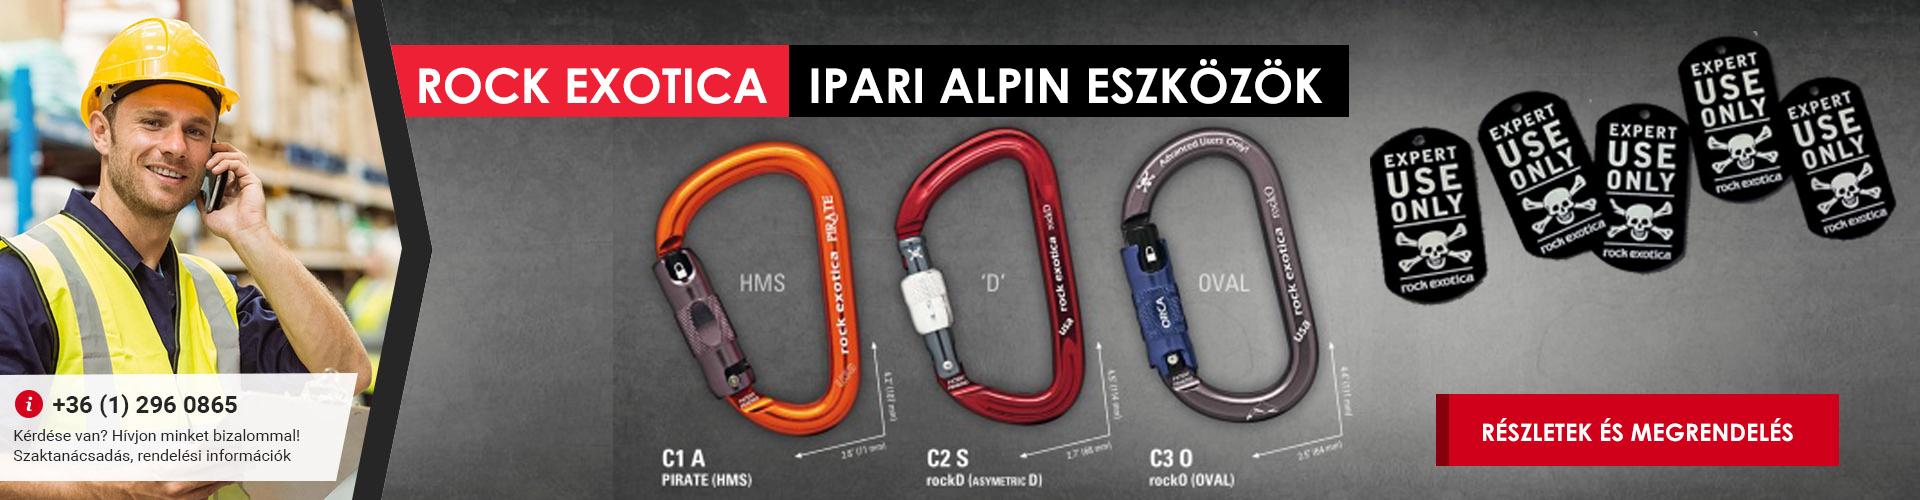 Rock Exotica ipari alpin eszközök